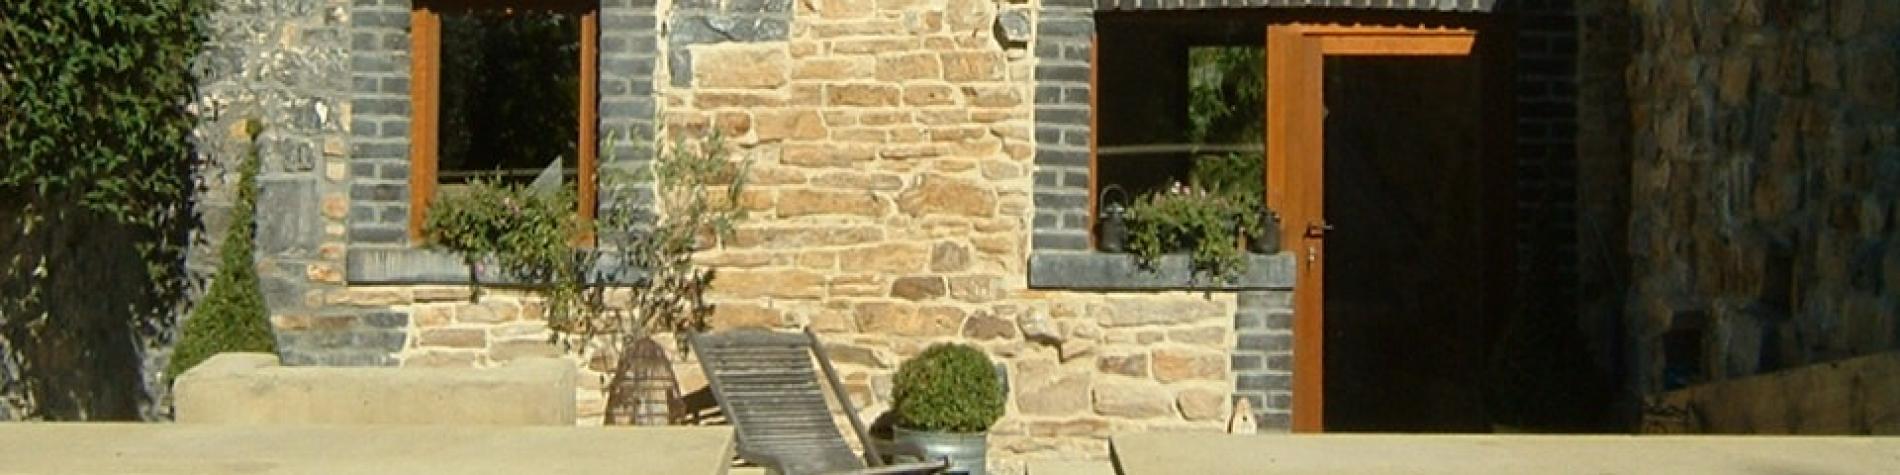 Gîte rural Carpe Diem à Ramelot